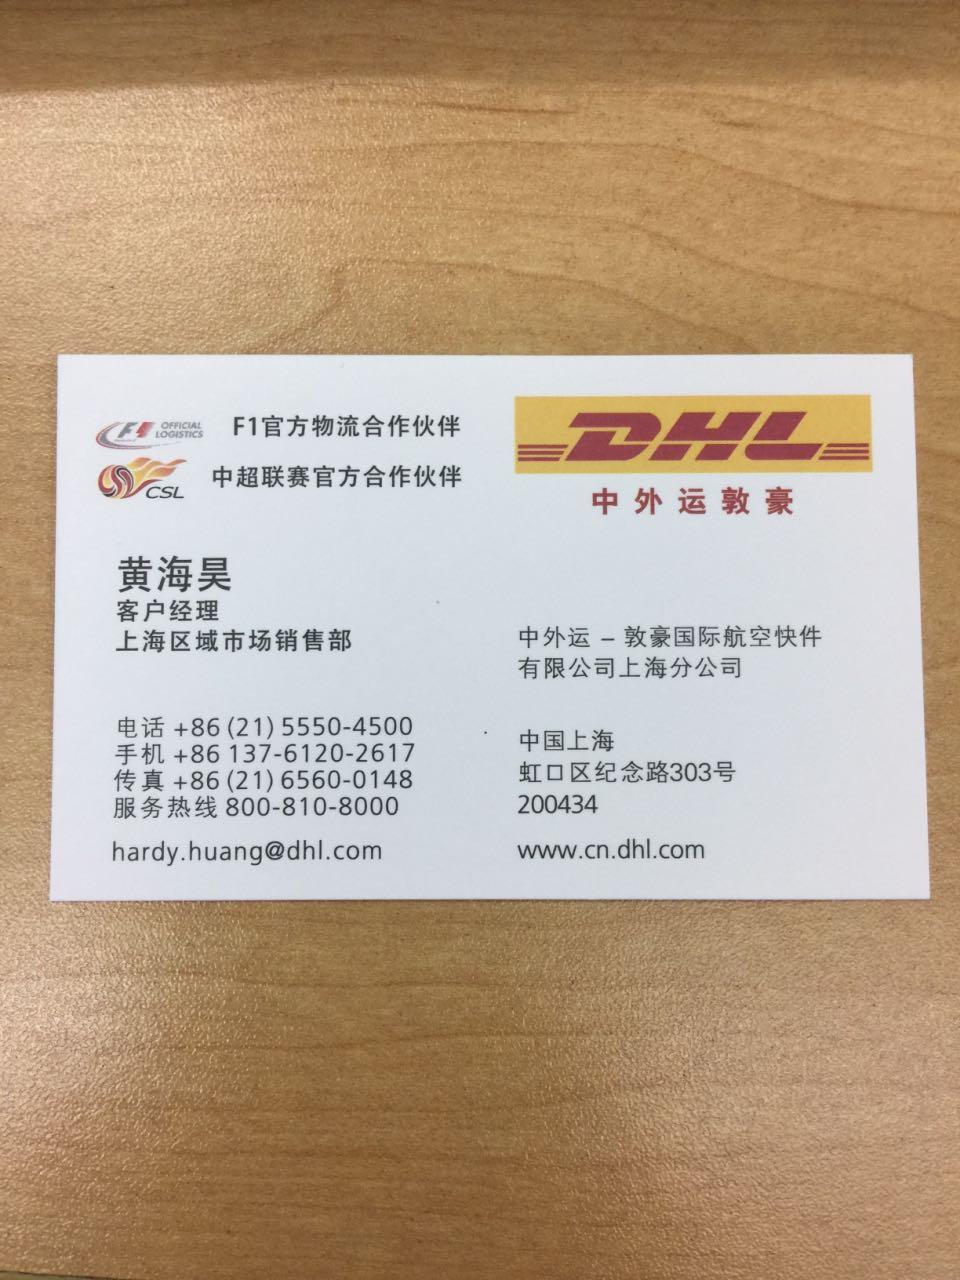 来自黄海昊发布的商务合作信息:DHL国际快递月结账号开设,给您更低折扣... - 中外运-敦豪国际航空快件有限公司上海分公司